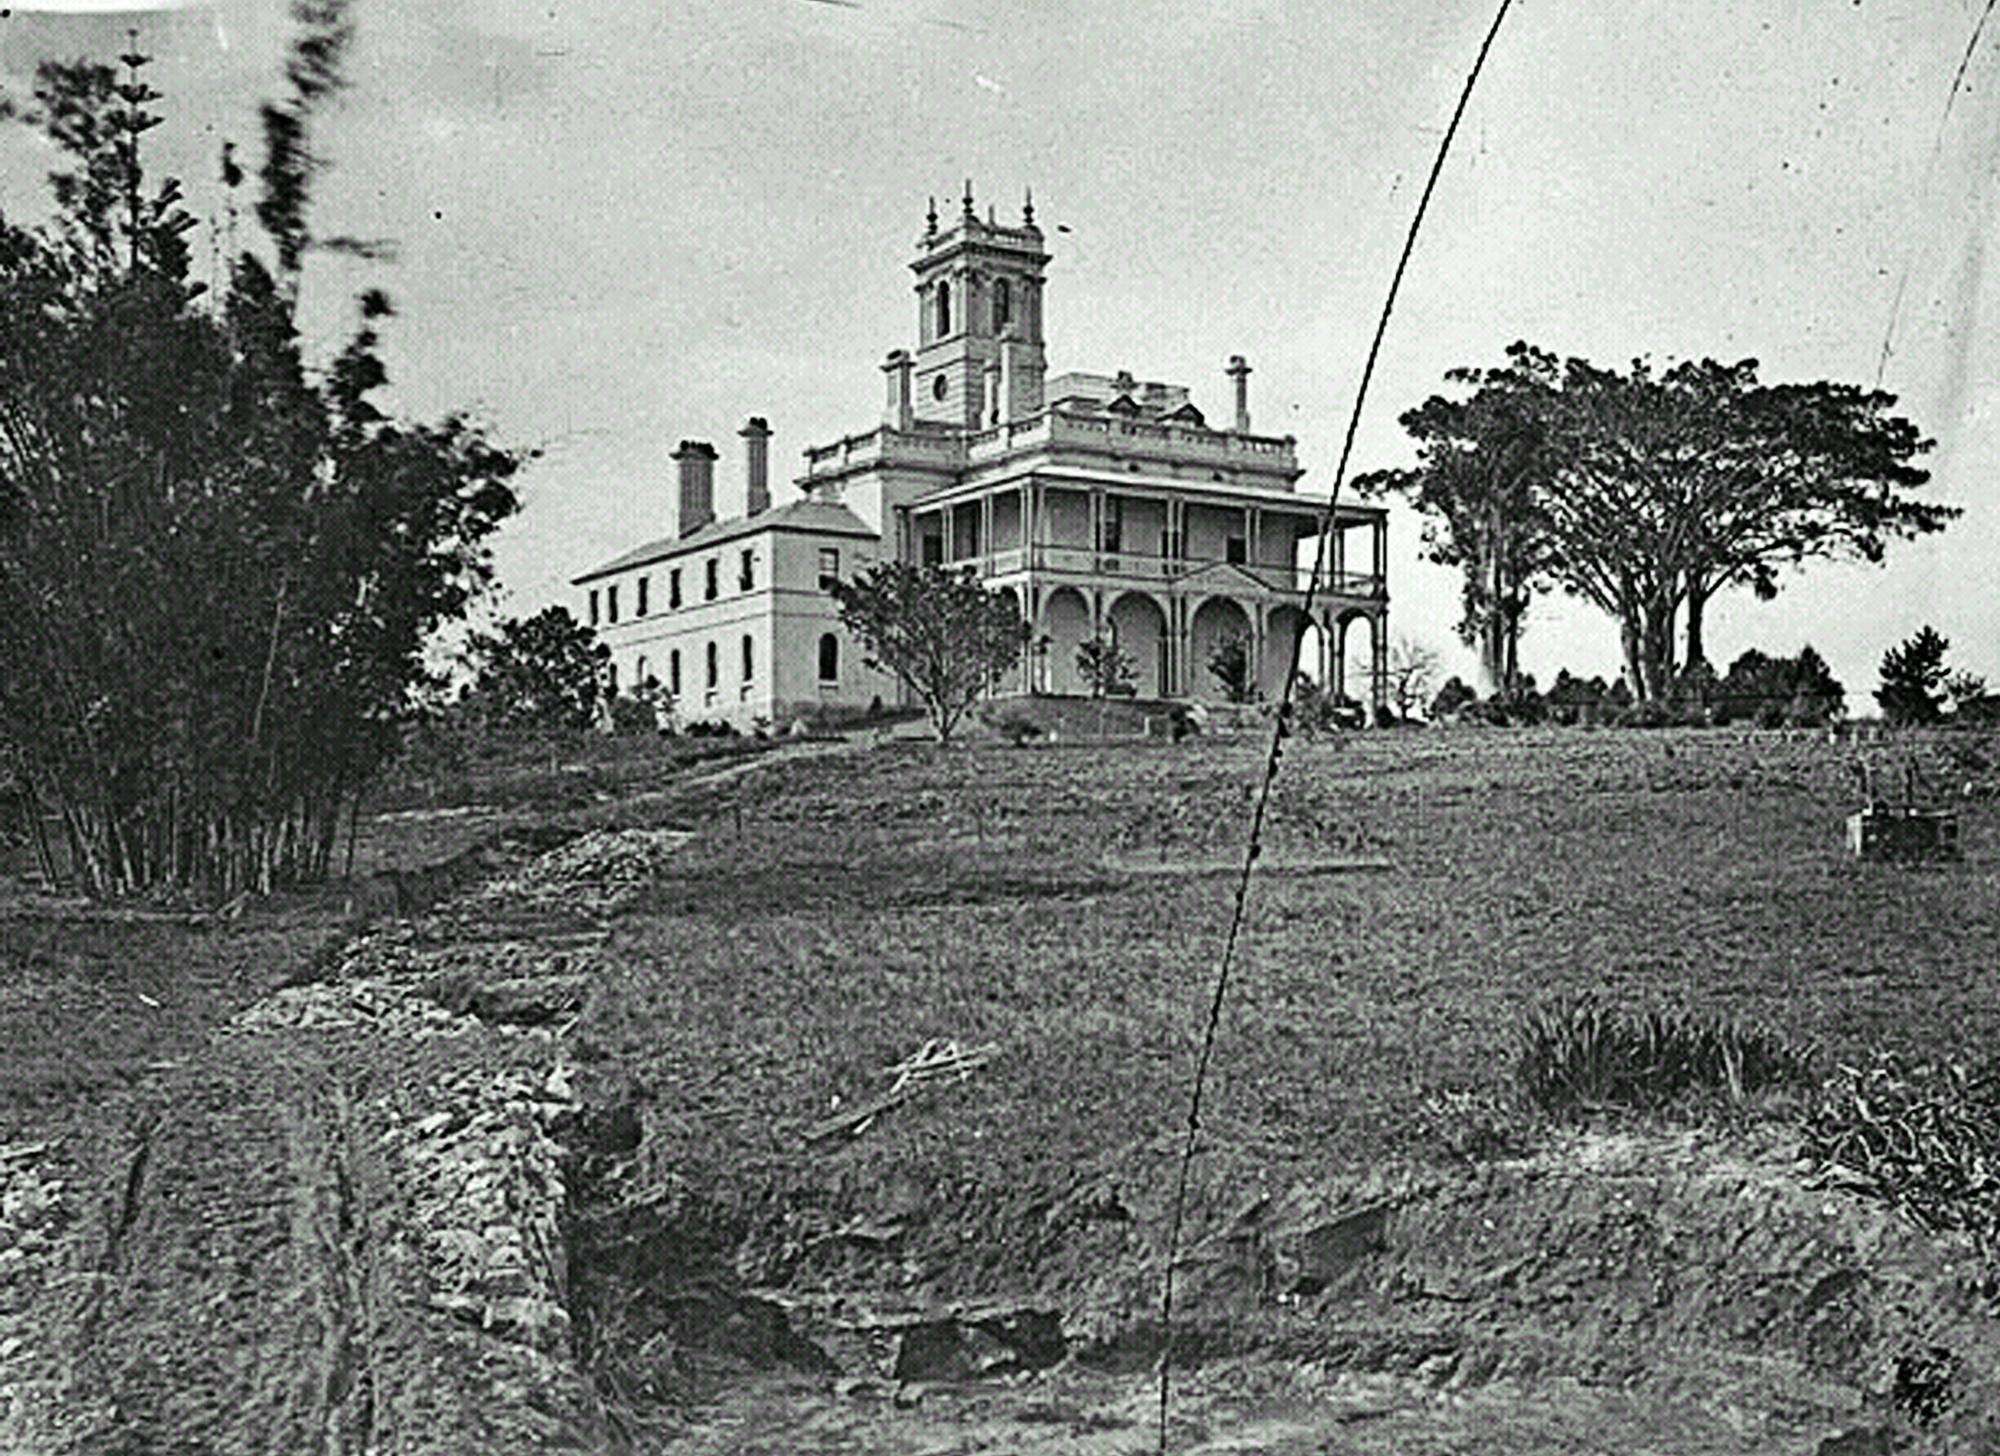 The Towers, la somptueuse demeure que se fit bâtir Bernhardt Otto Holterman non loin de Sydney, après avoir fait fortune dans la prospection aurifère.